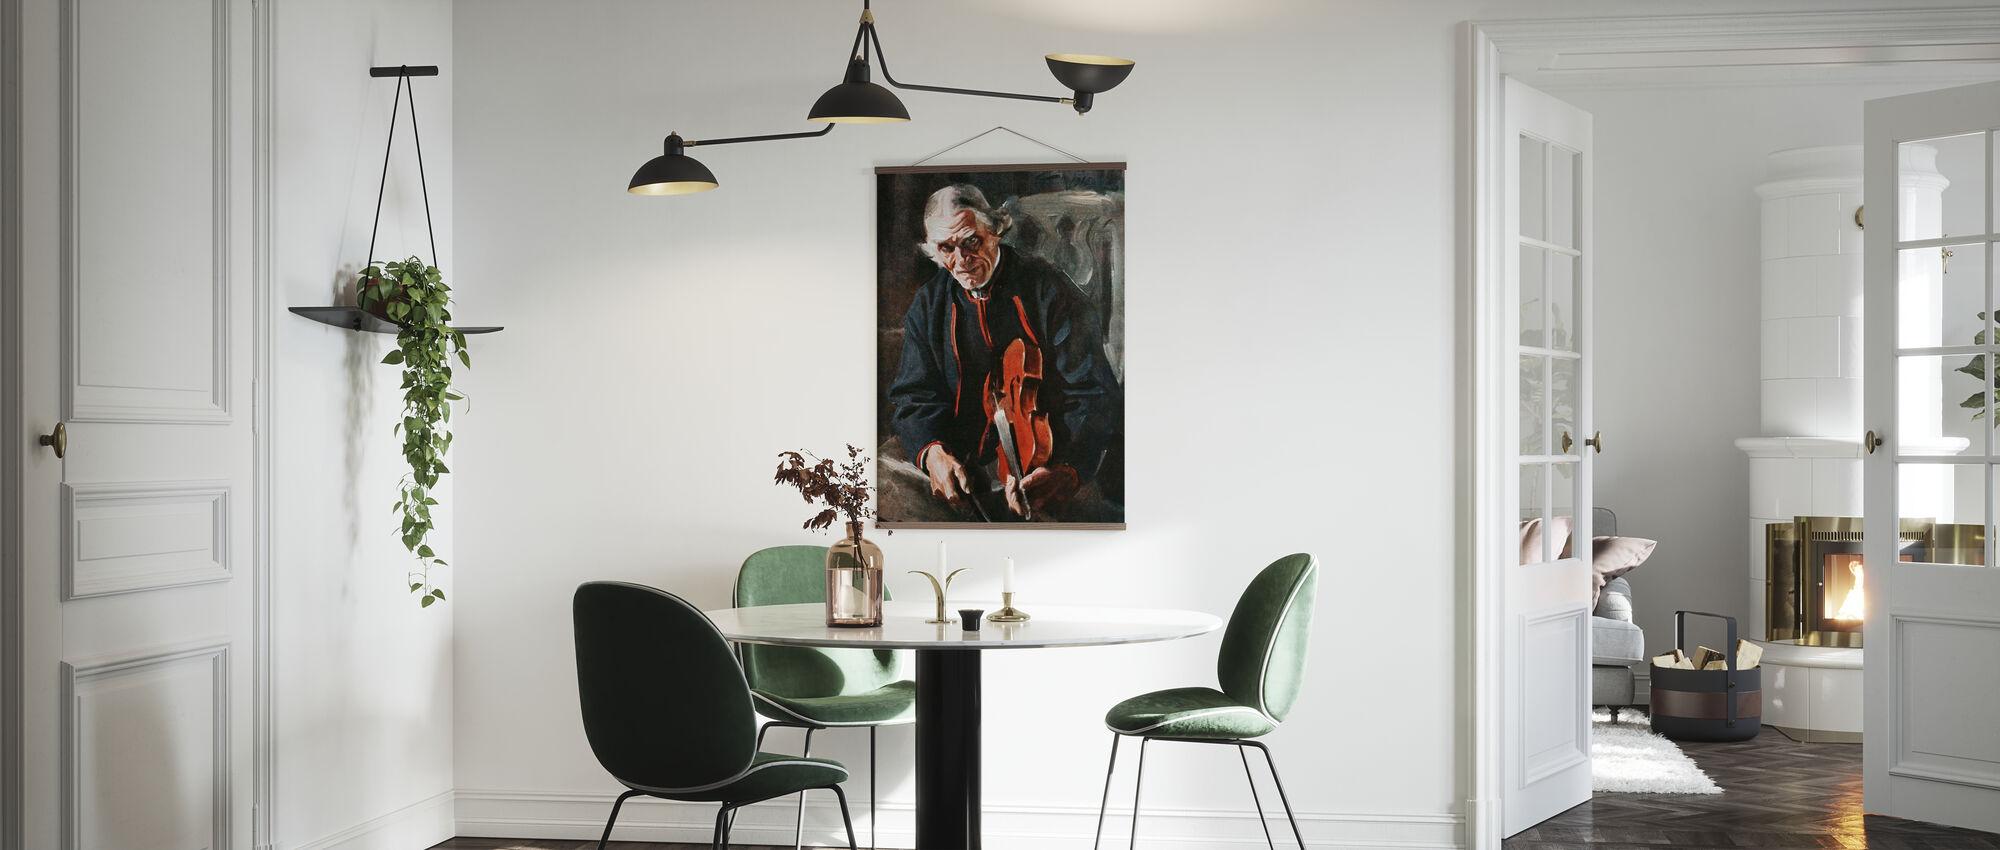 Fiolspelaren, Anders Zorn - Poster - Kök